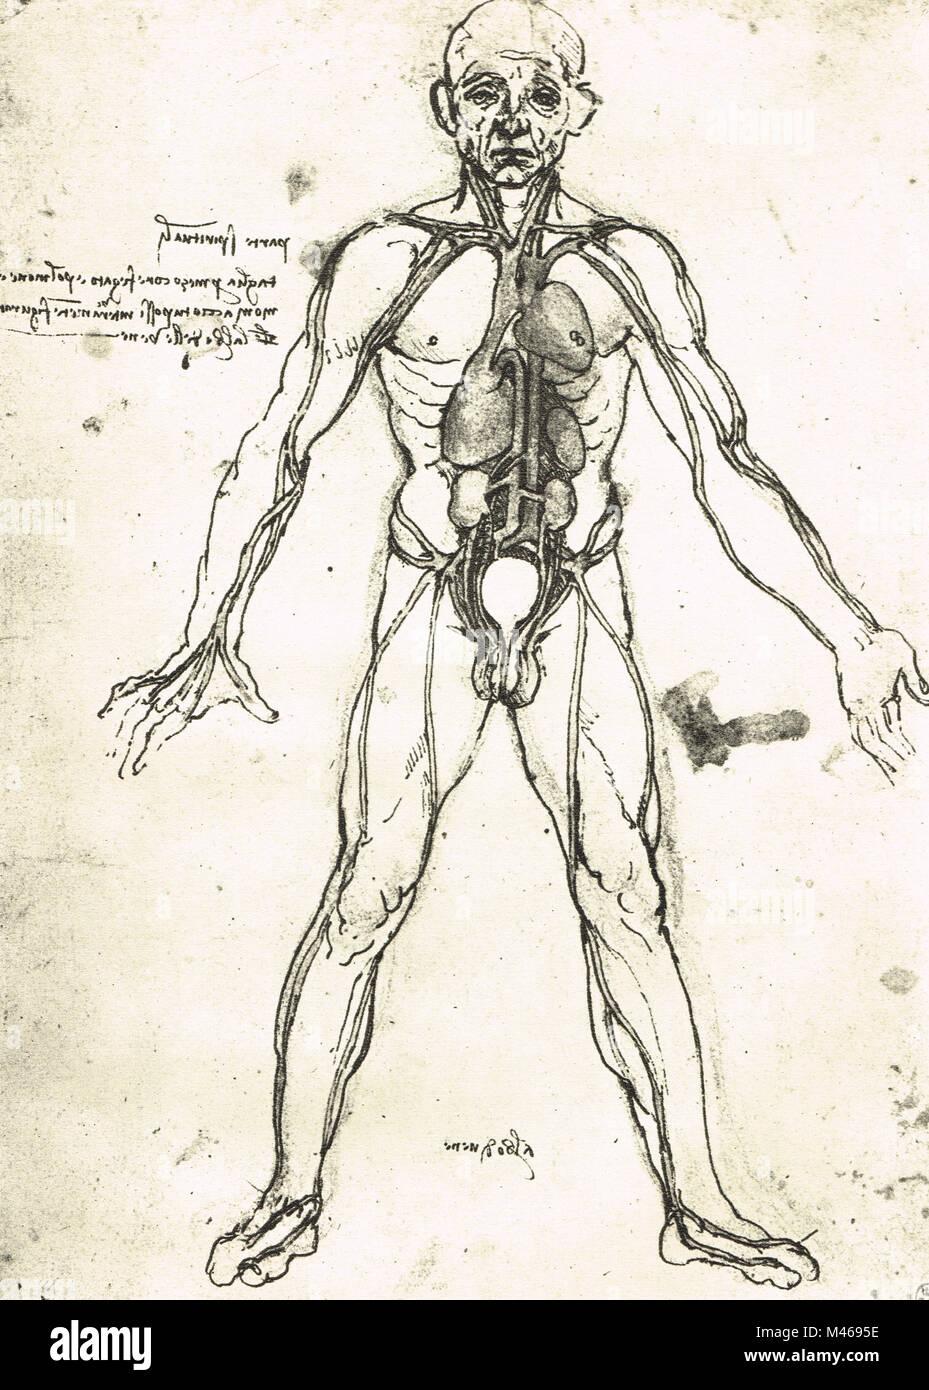 Anatomische Abbildung eines Mannes, das Herz, die Lungen und die ...